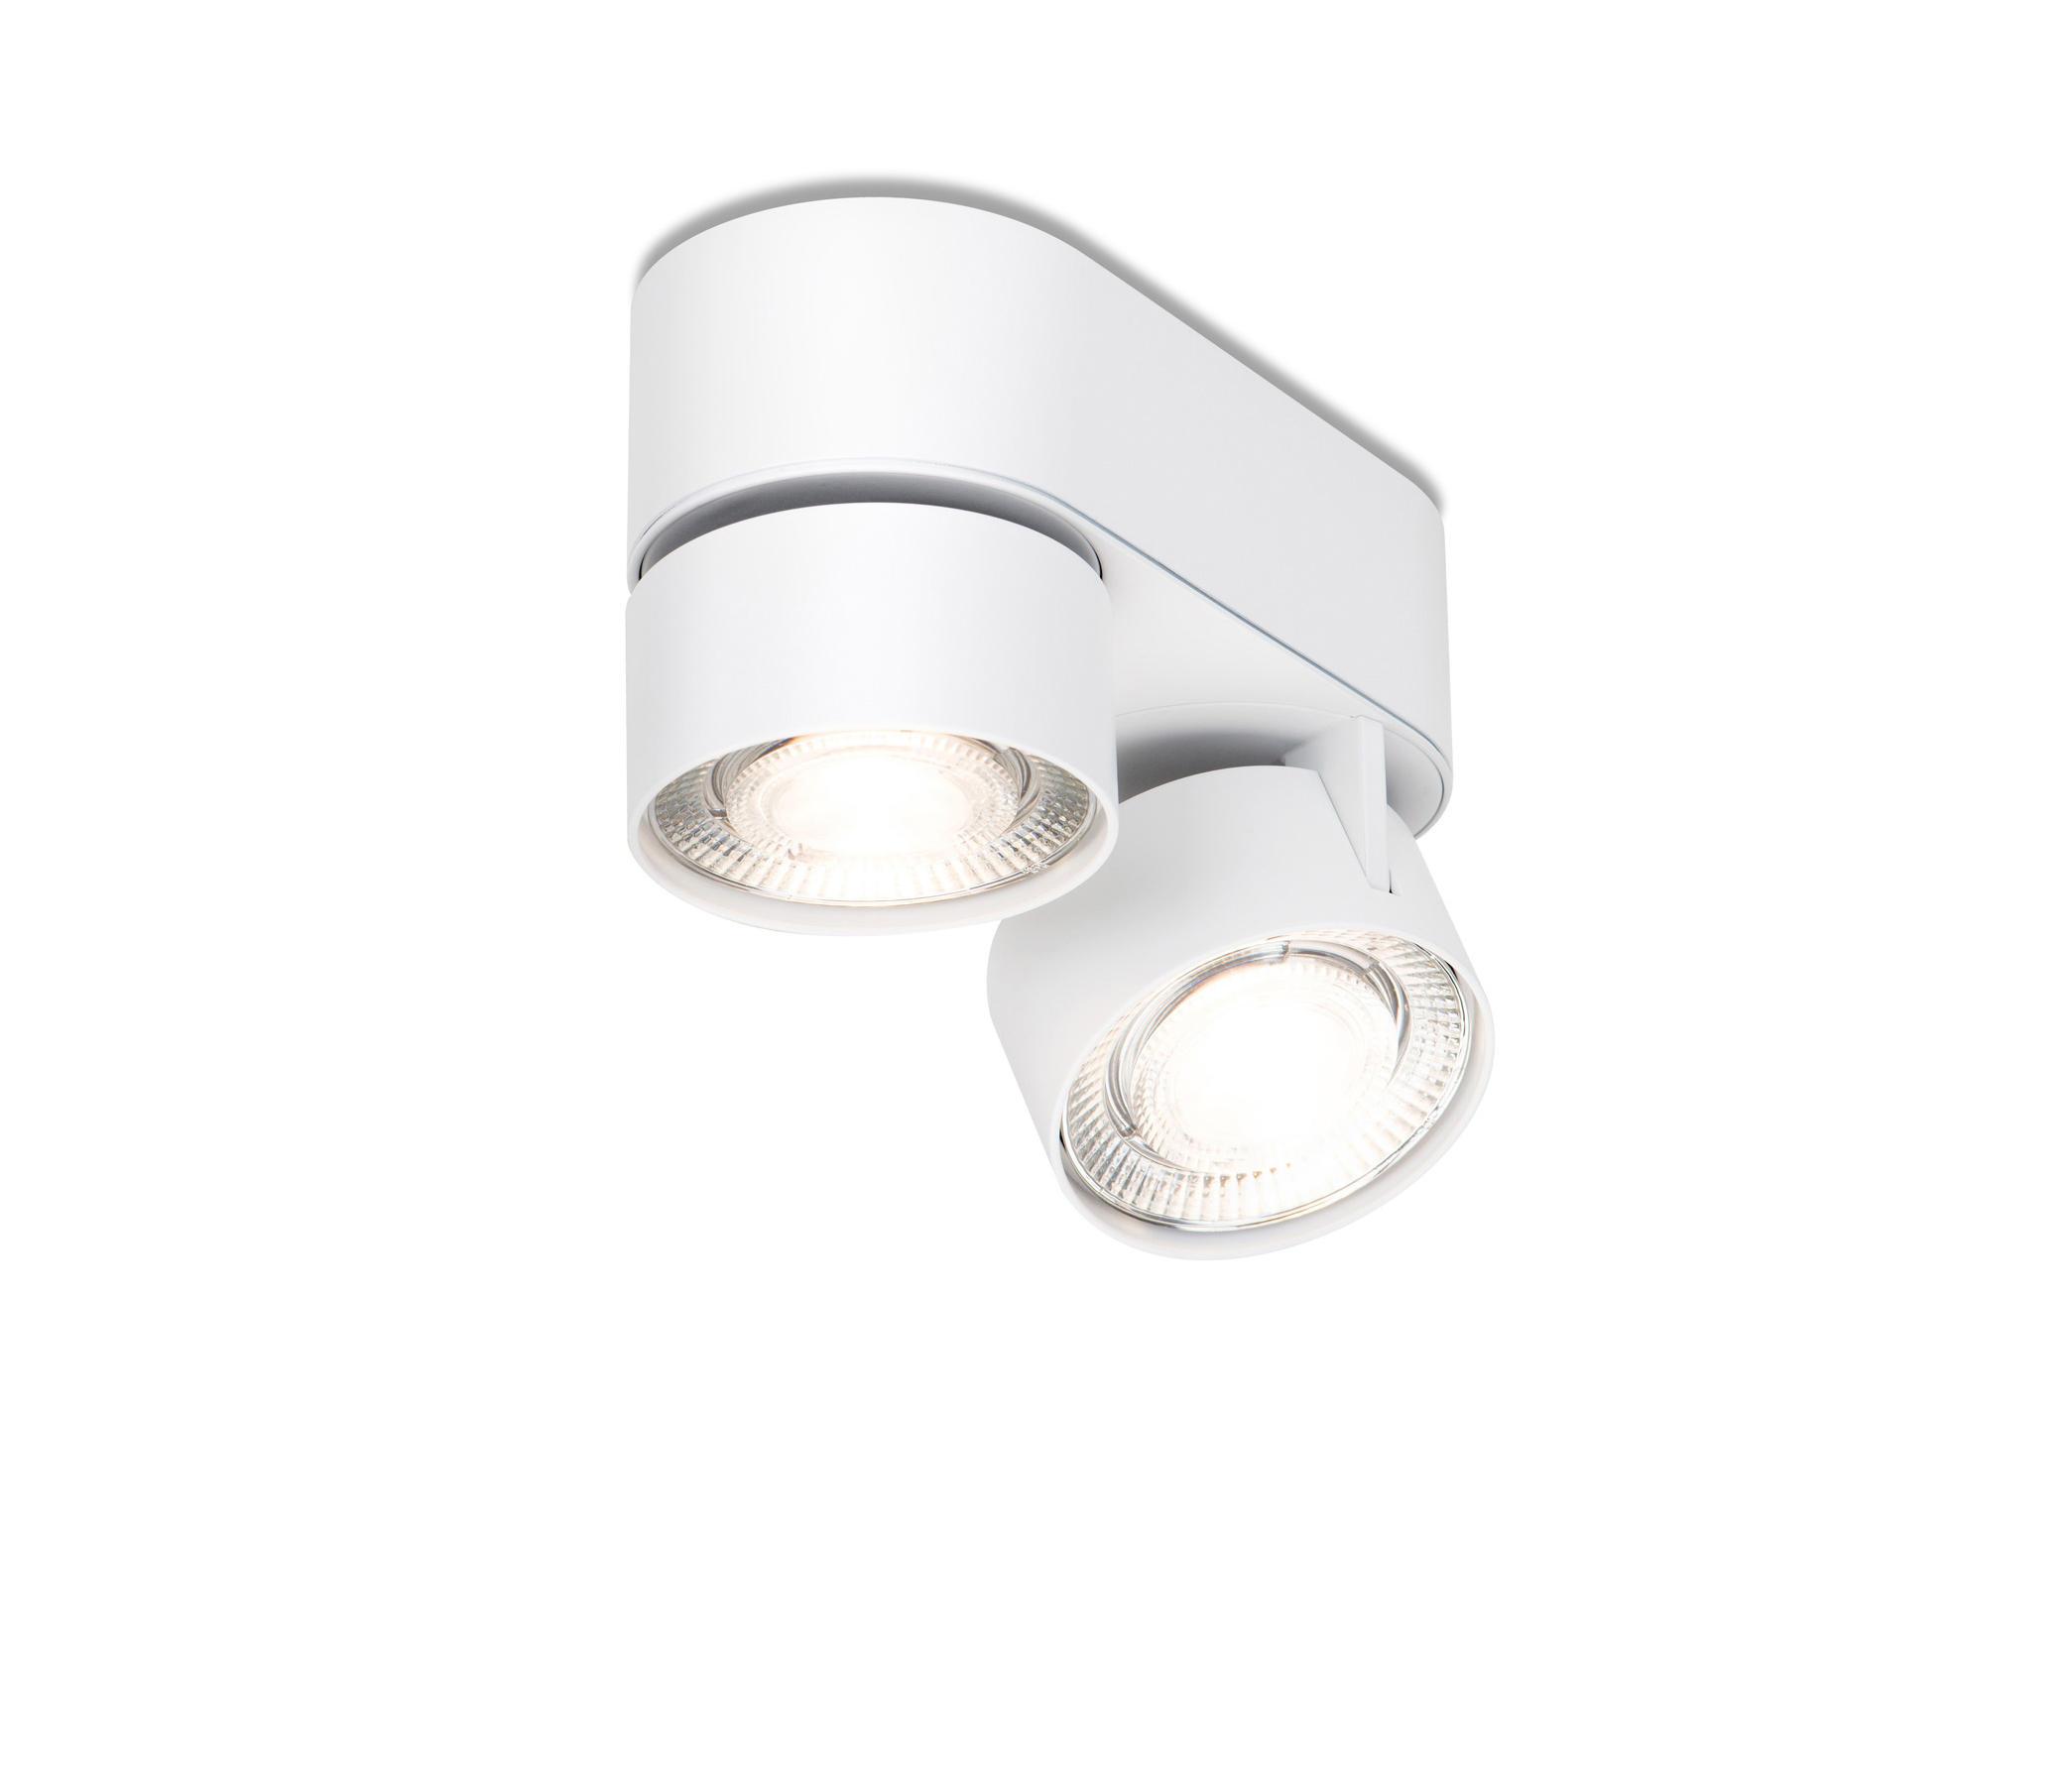 Mawa Wittenberg wittenberg wi4 ab 20v general lighting from mawa design architonic